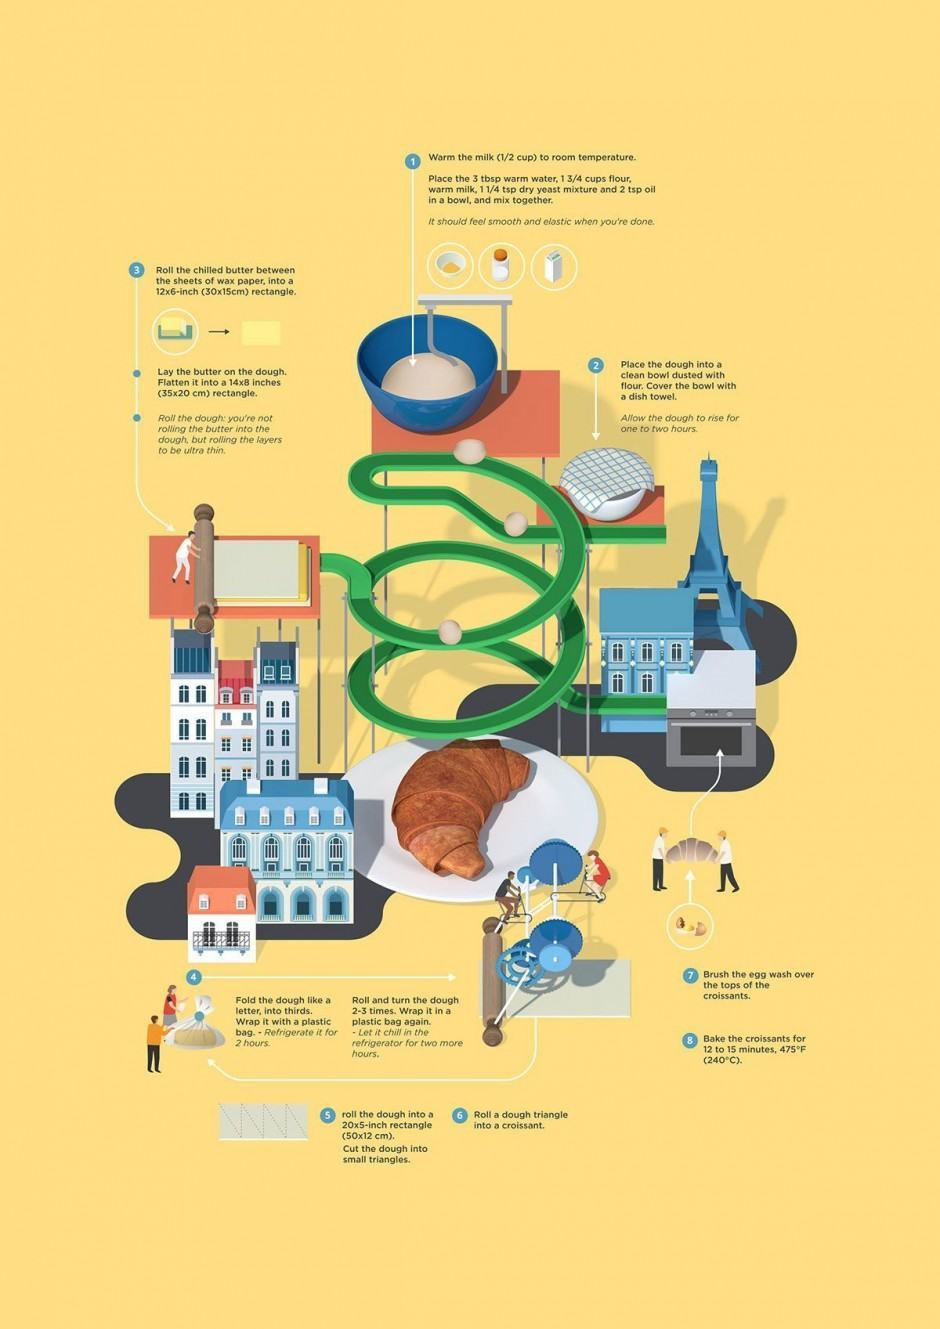 Rezepte aus aller Welt als Infografiken von Jing Zhang, London. https://www.behance.net/gallery/27844961/Recipe-cards